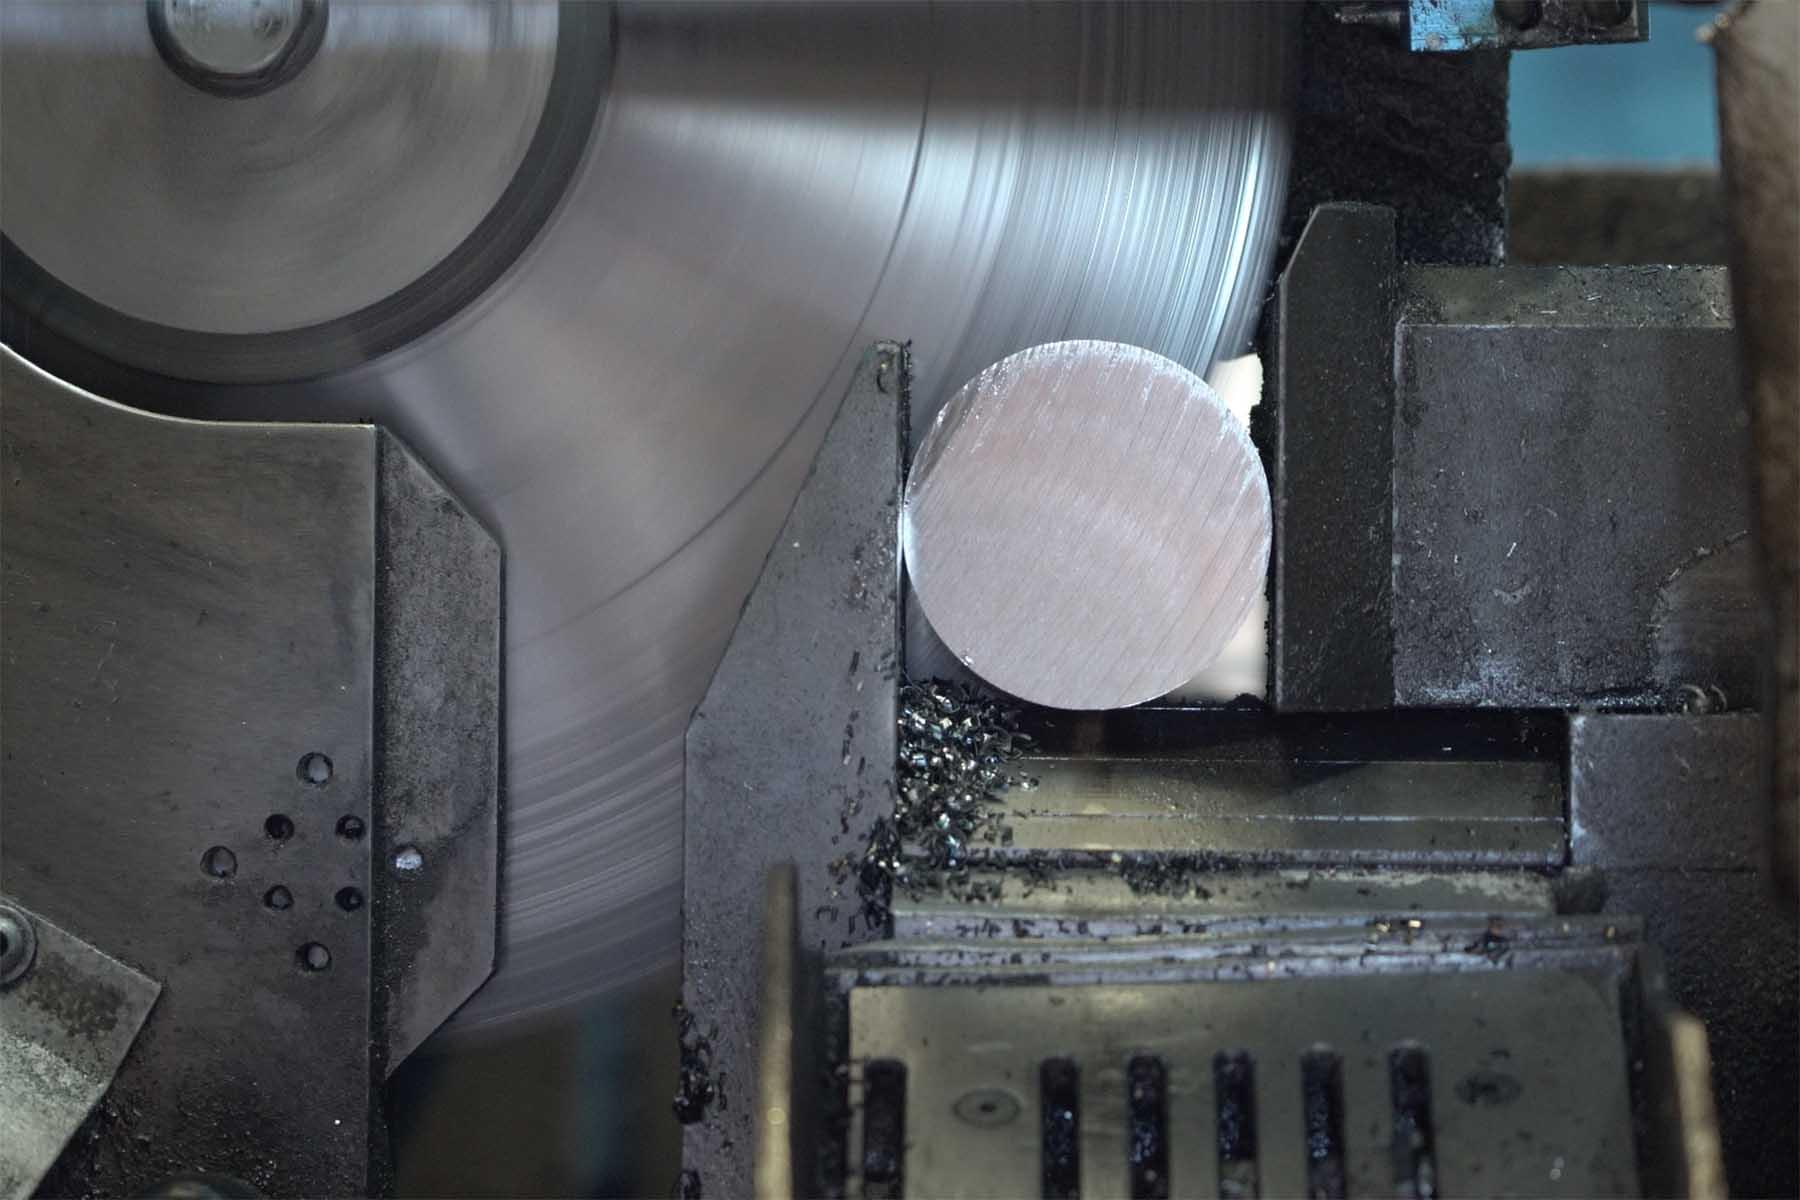 Nahaufnahme von einem Sägeblatt, dass ein Metallteil zerschneidet